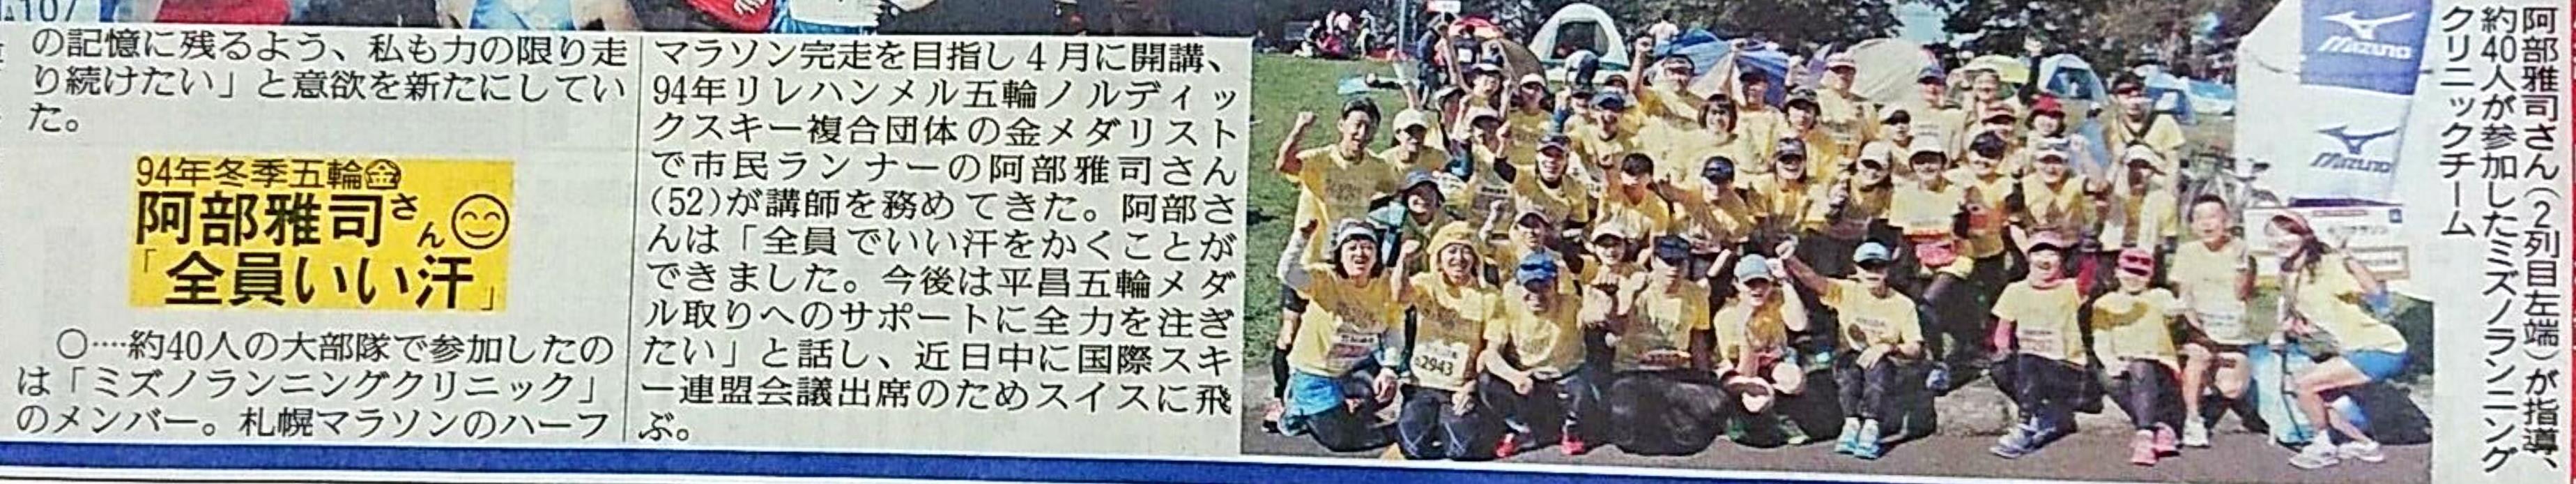 札幌マラソン (1)